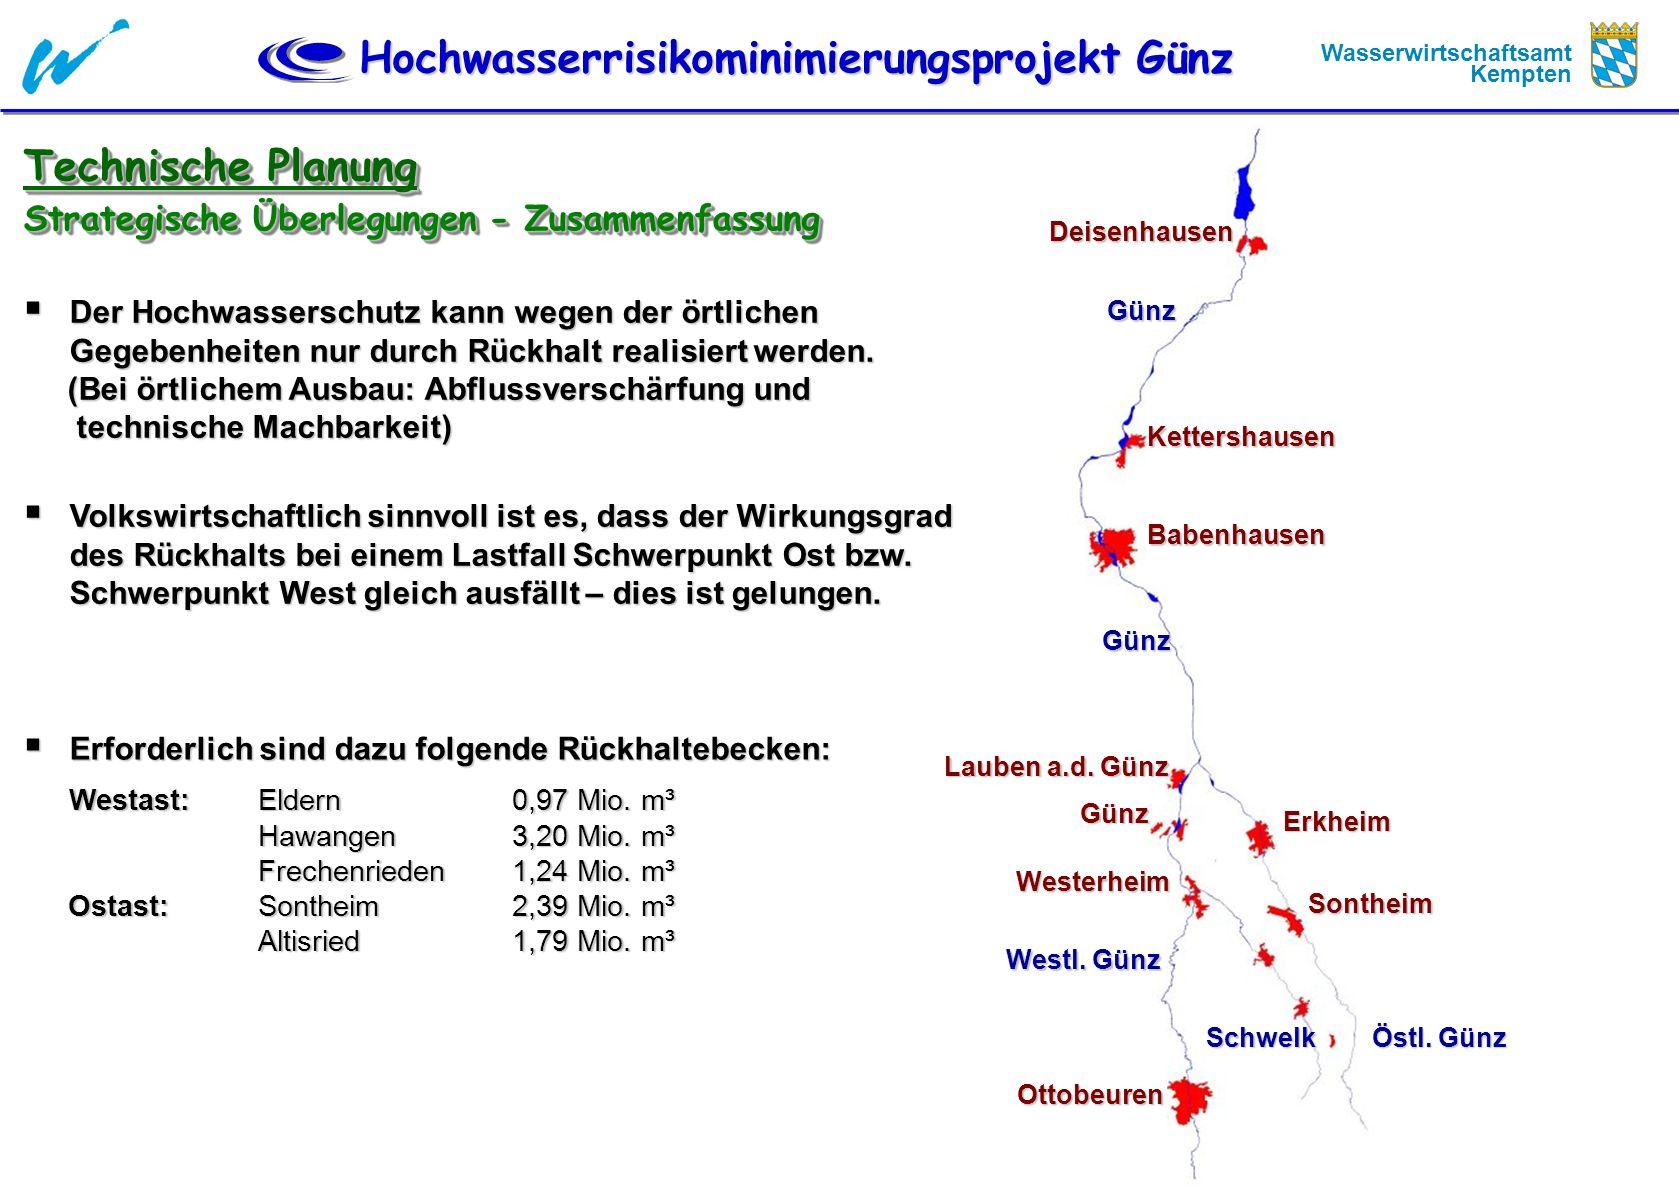 Hochwasserrisikominimierungsprojekt Günz Wasserwirtschaftsamt Kempten Technische Planung Strategische Überlegungen - Zusammenfassung Der Hochwassersch